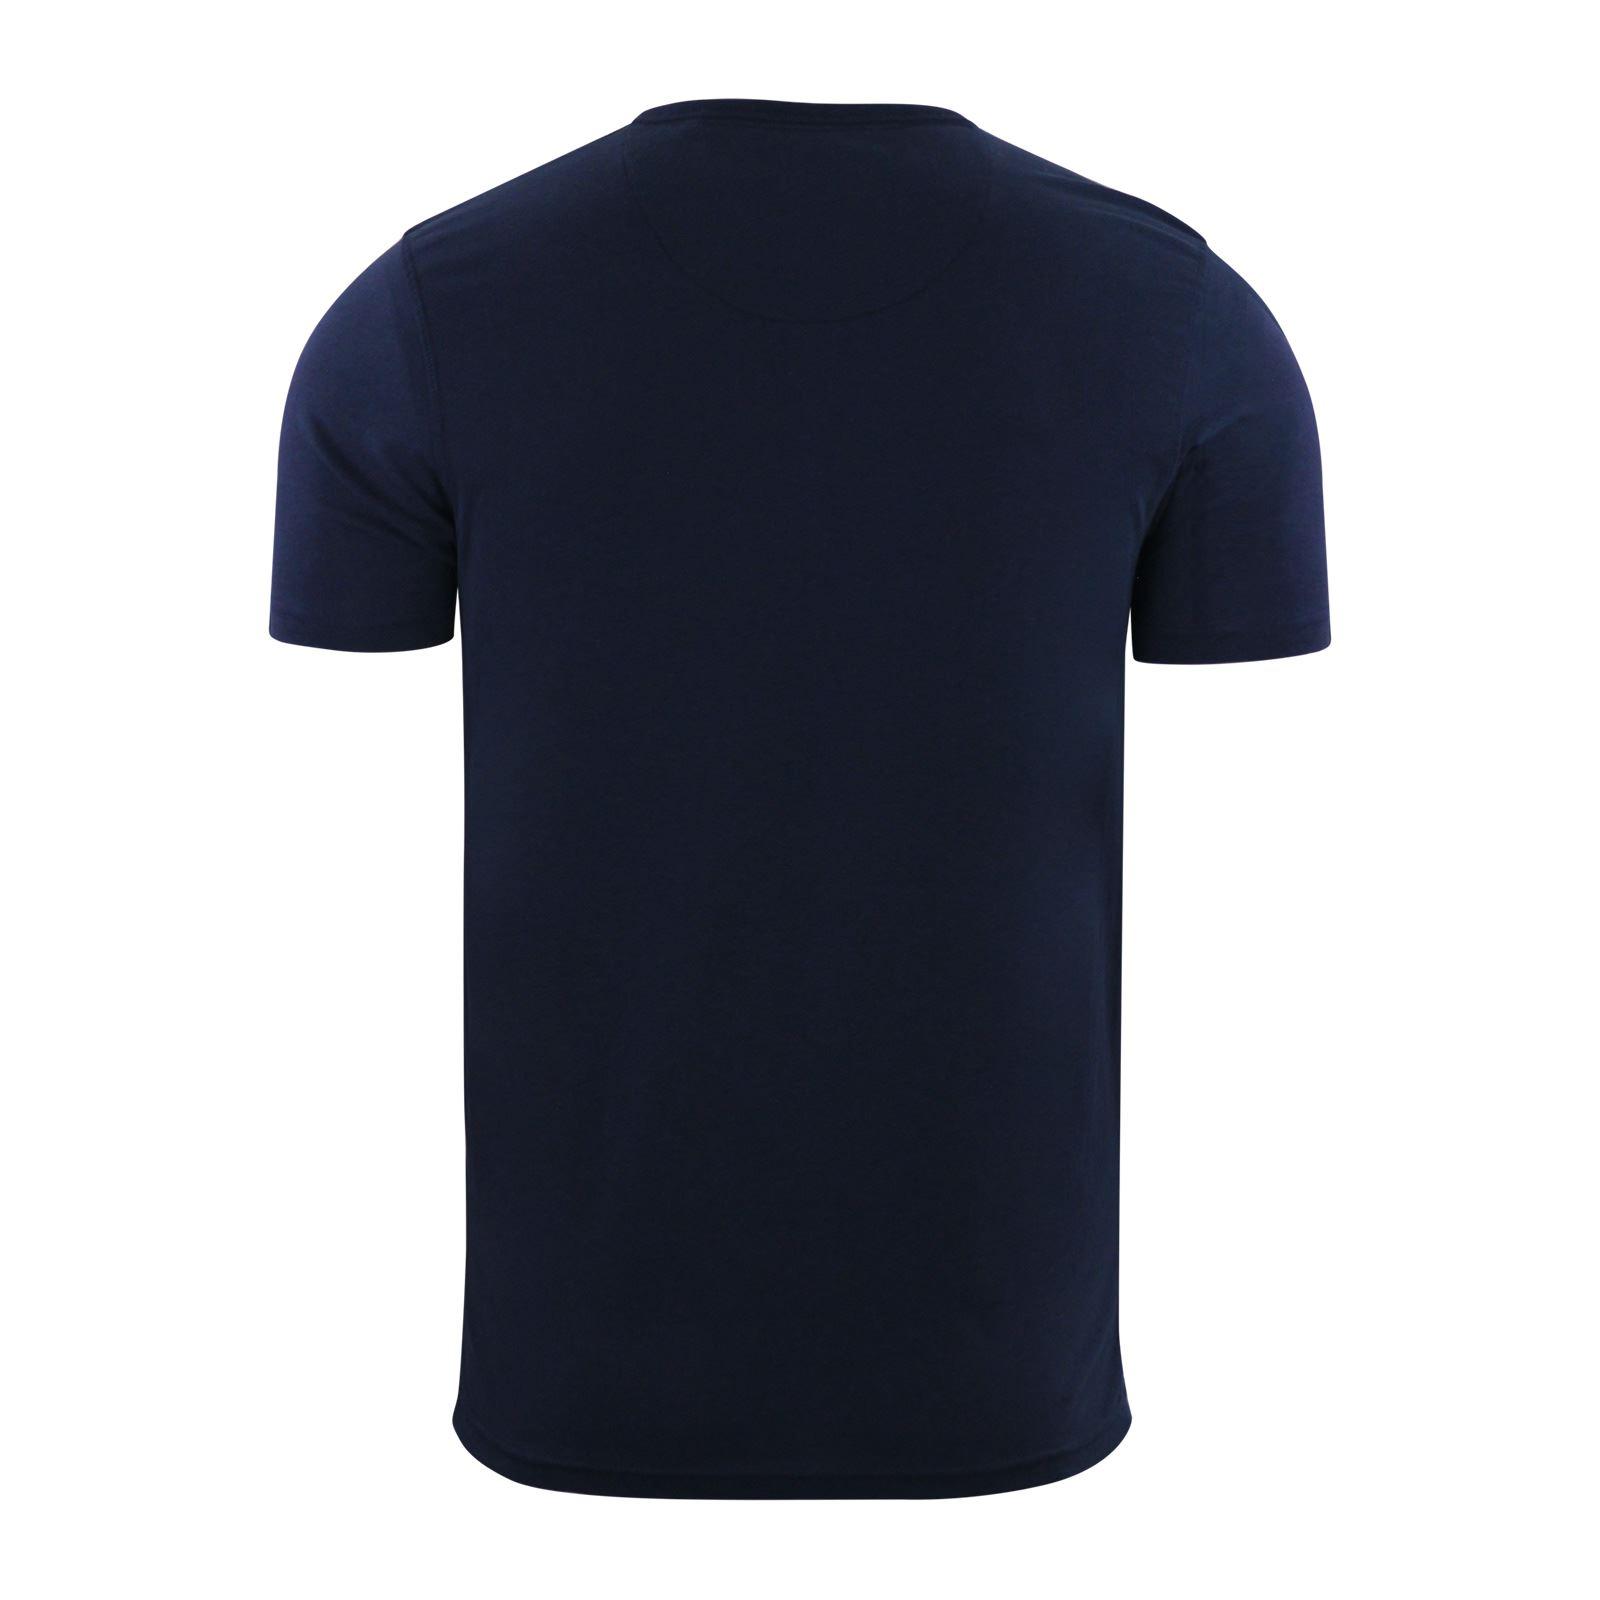 Brave-Soul-Quartz-Homme-T-Shirt-Grandad-Neck-manches-courtes-coton-tee miniature 3